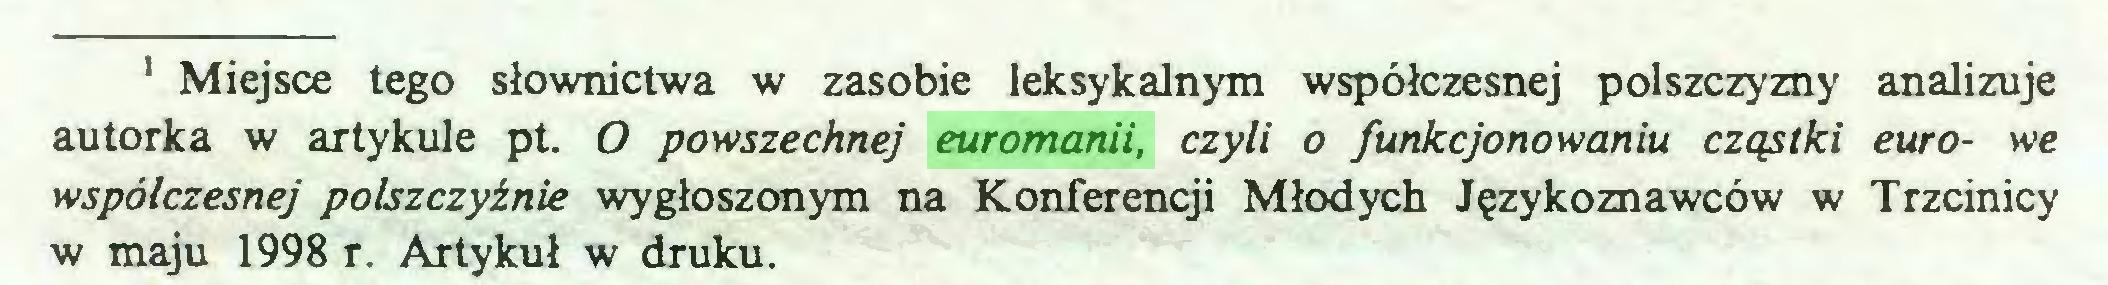 (...) 1 Miejsce tego słownictwa w zasobie leksykalnym współczesnej polszczyzny analizuje autorka w artykule pt. O powszechnej euromanii, czyli o funkcjonowaniu cząstki euro- we współczesnej polszczyźnie wygłoszonym na Konferencji Młodych Językoznawców w Trzcinicy w maju 1998 r. Artykuł w druku...